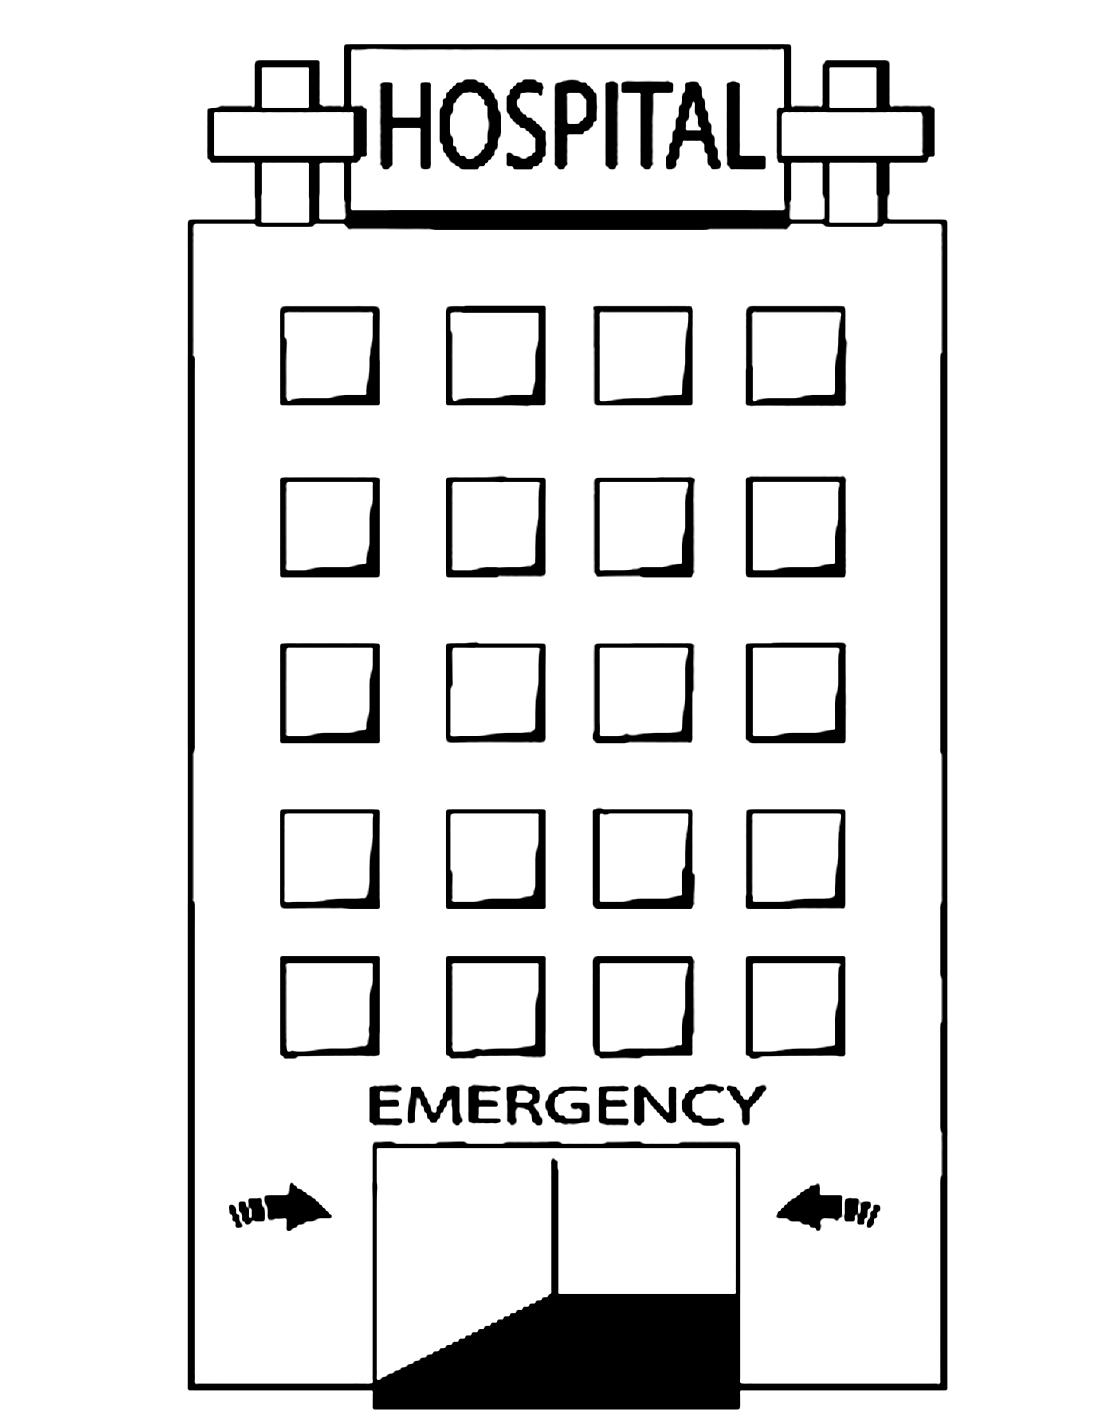 многоэтажная больница раскраска 13503 Printonic Ru